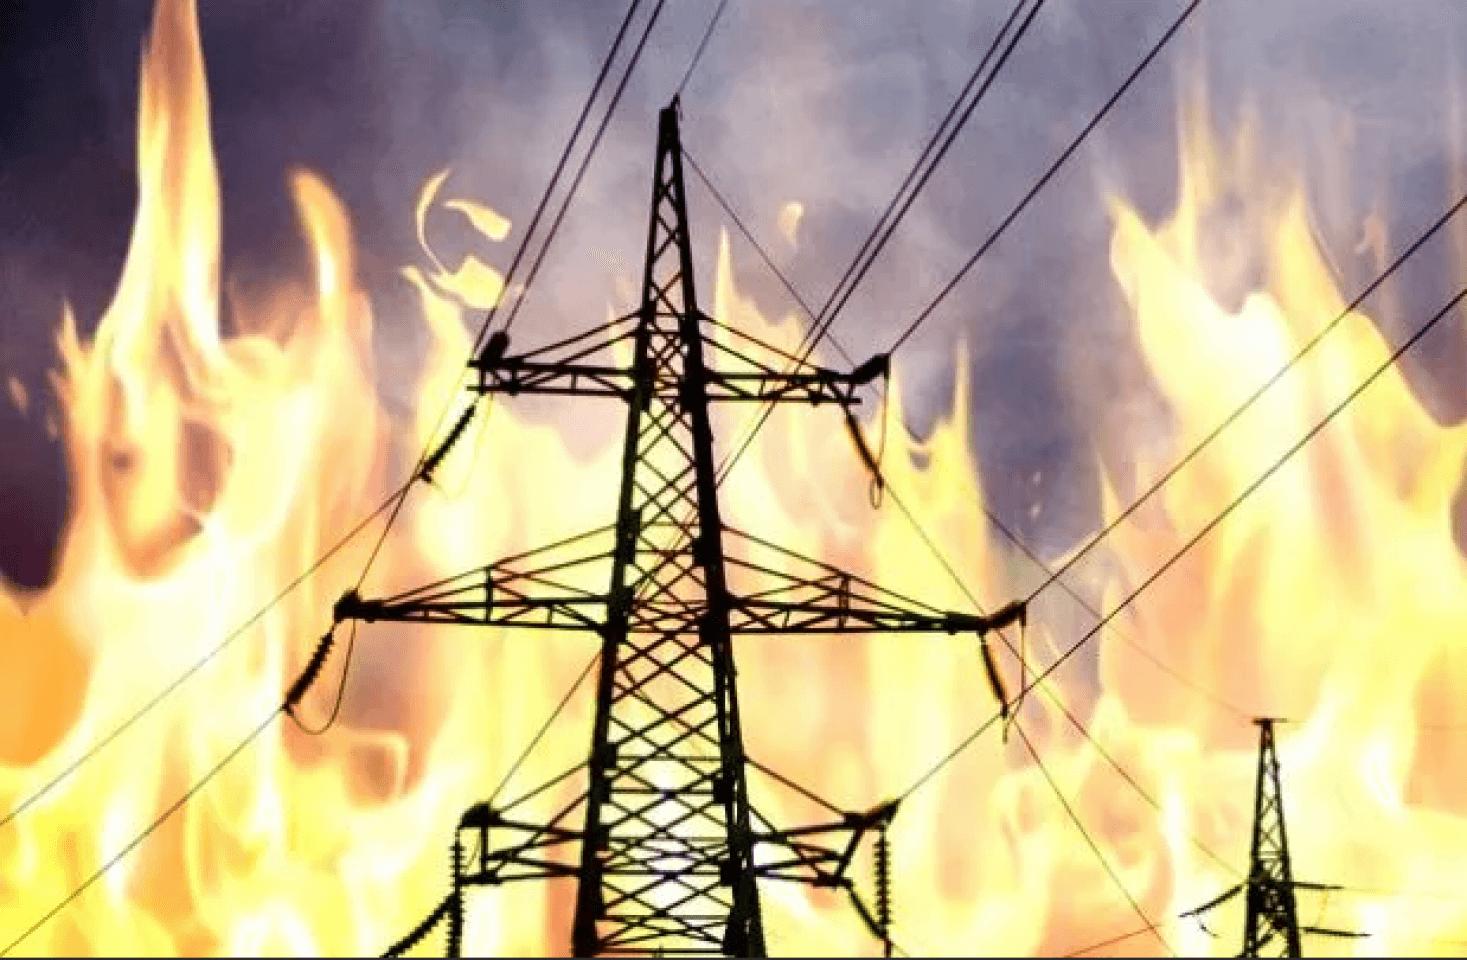 Возгорание в «серой зоне» повредило энергоснабжение скважин Славяносербского водозабора, что привело к сокращению подачи воды на отдельные города республики